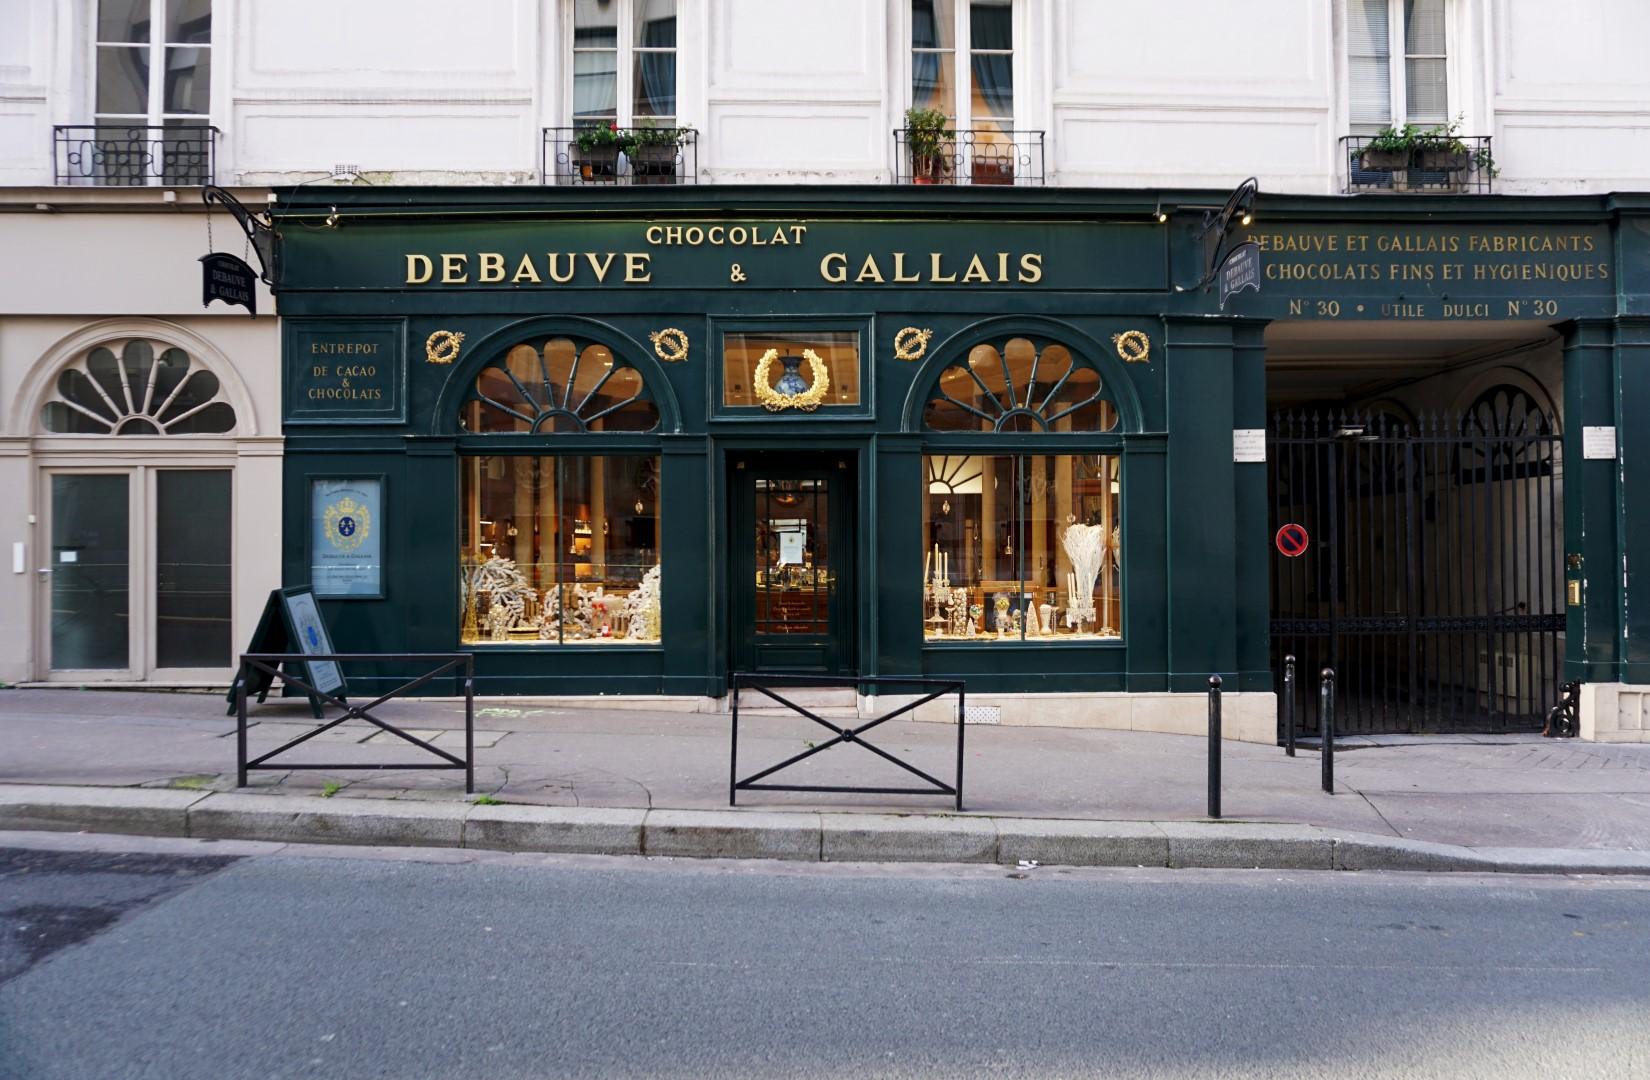 Balade dans le 7e arrondissement de Paris | de Saint Germain des Près au quartier du Gros Caillou - Chocolat Debauve & Gallais